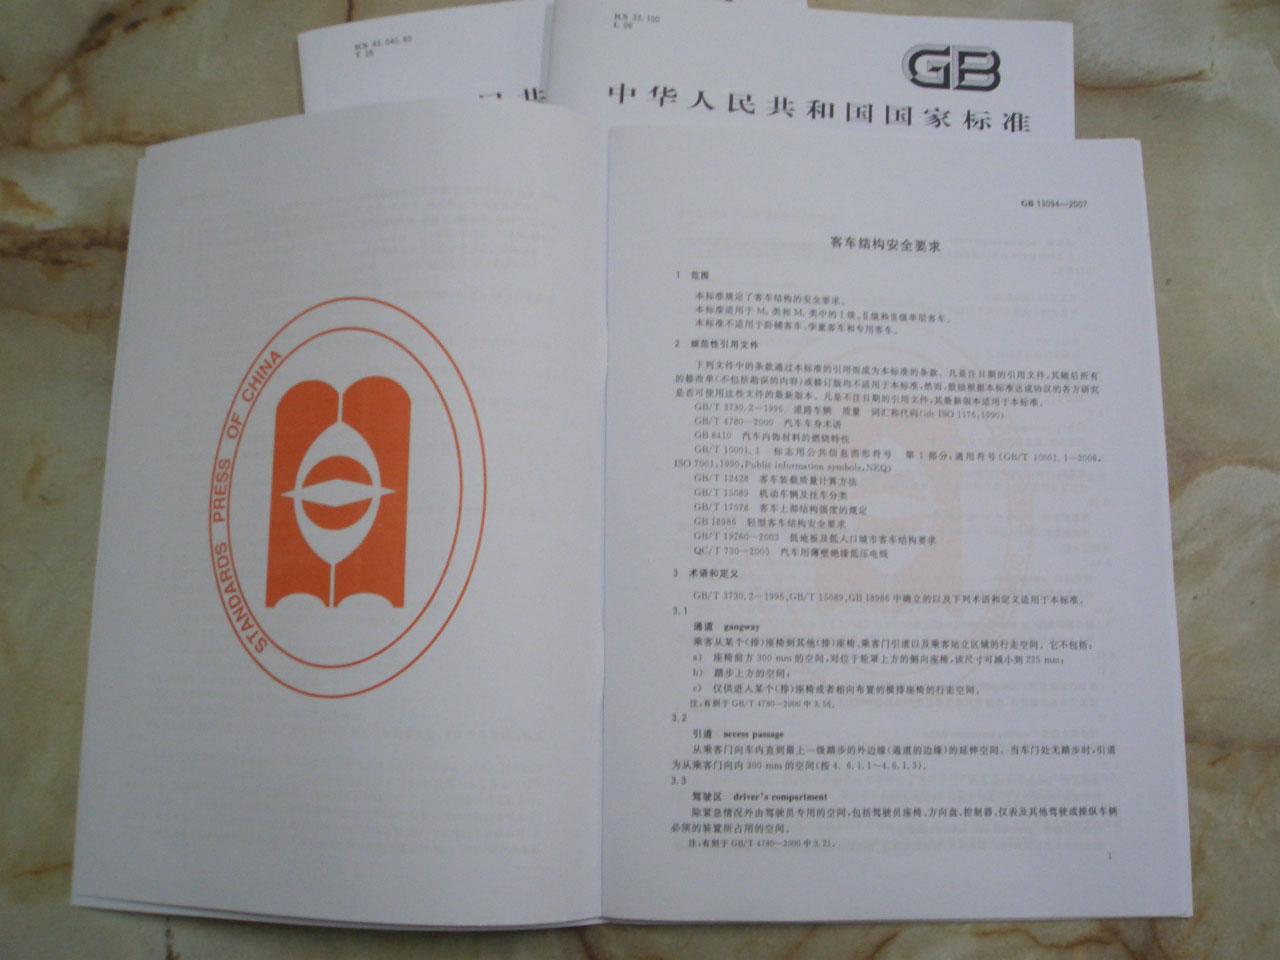 【每日论语】0710 国标 - 乳透社 - 乳透社